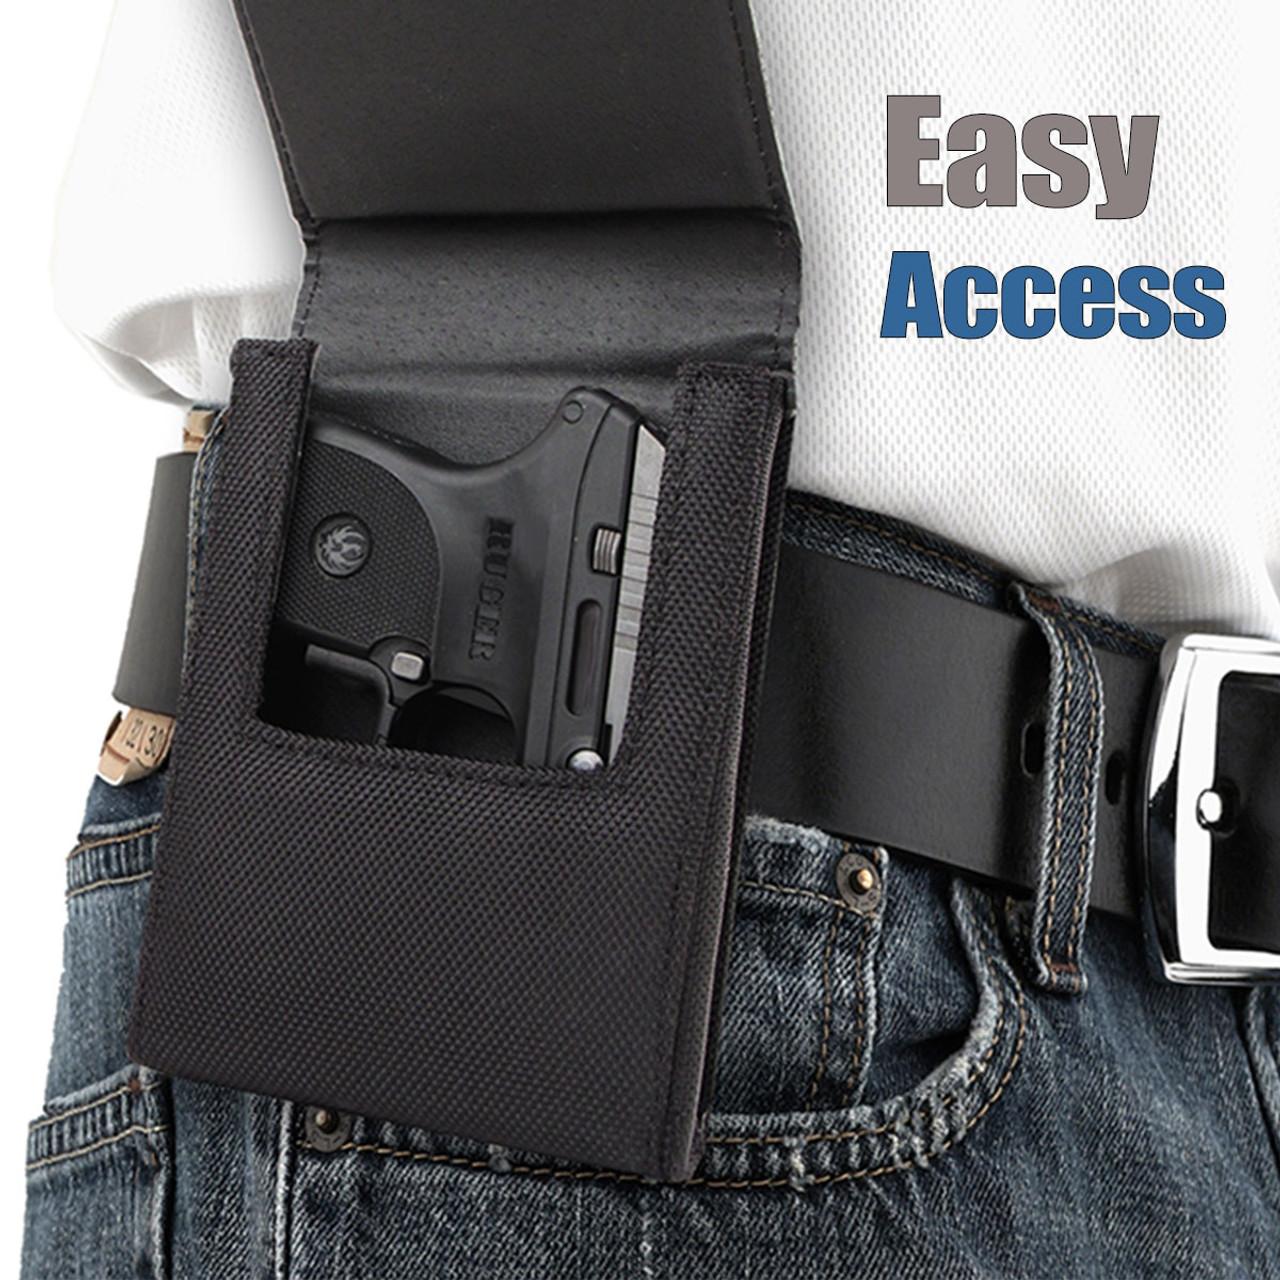 Glock 26 Sneaky Pete Holster (Belt Clip)